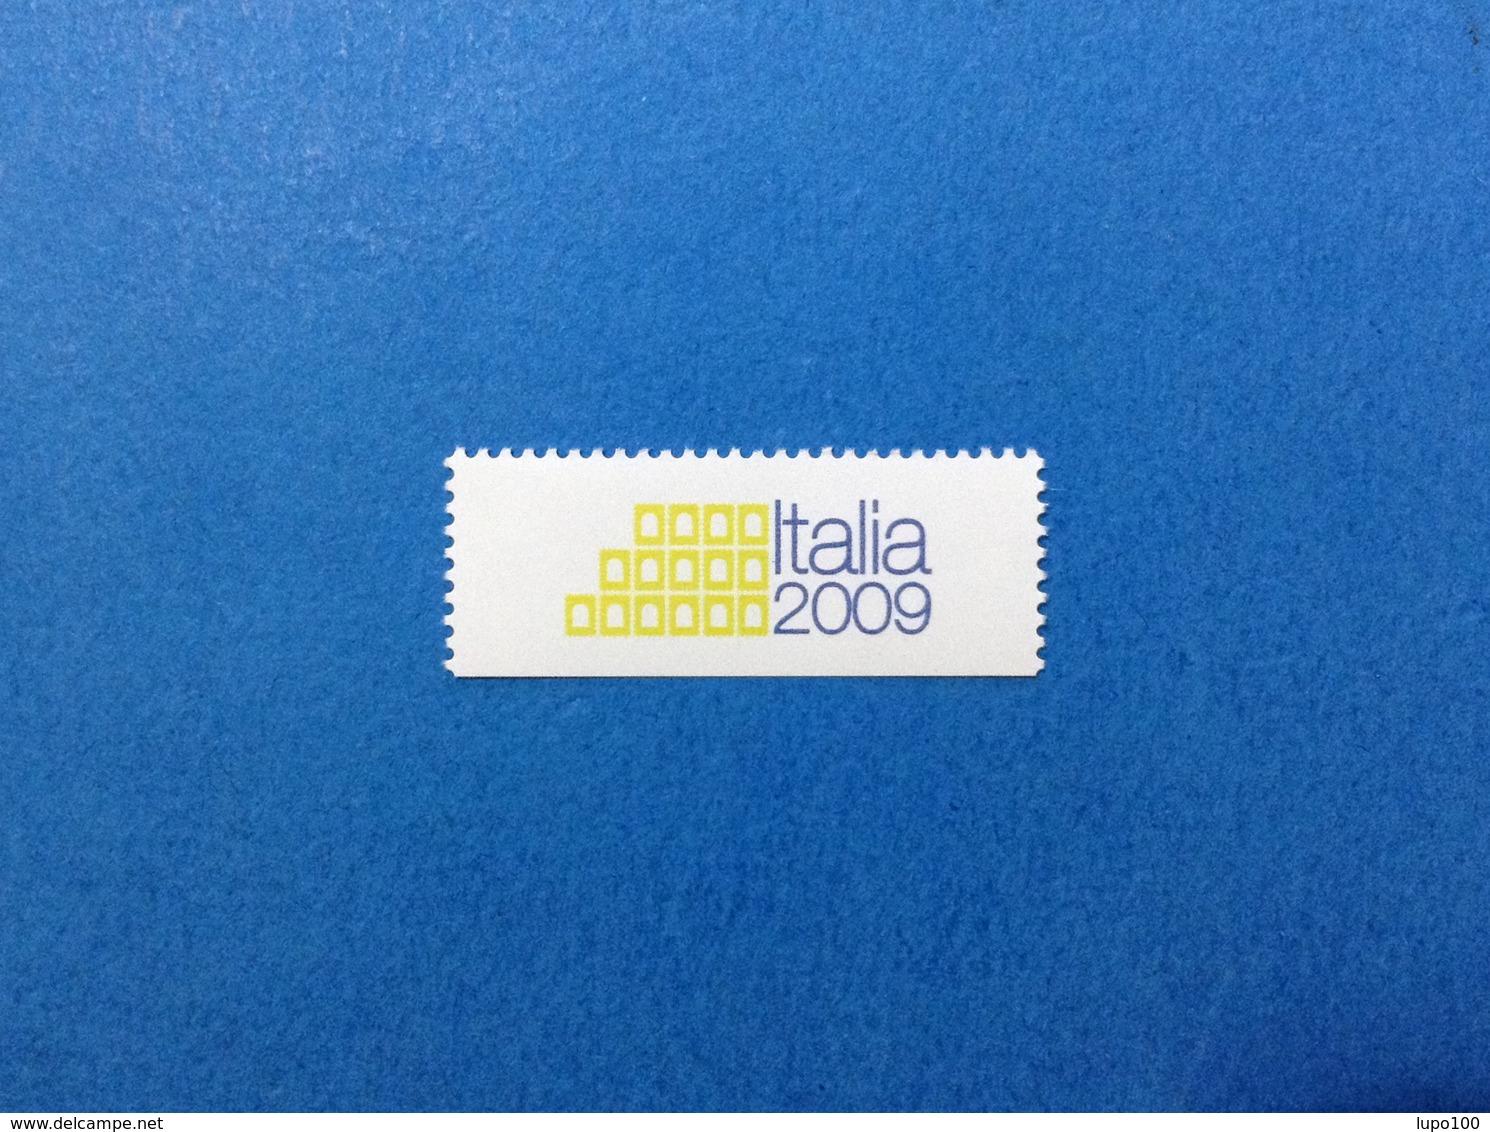 VIGNETTA ETICHETTA TARGHETTA ERINNOFILO BOLLINO CINDERELLA NUOVO MNH** ITALIA 2009 - Cinderellas